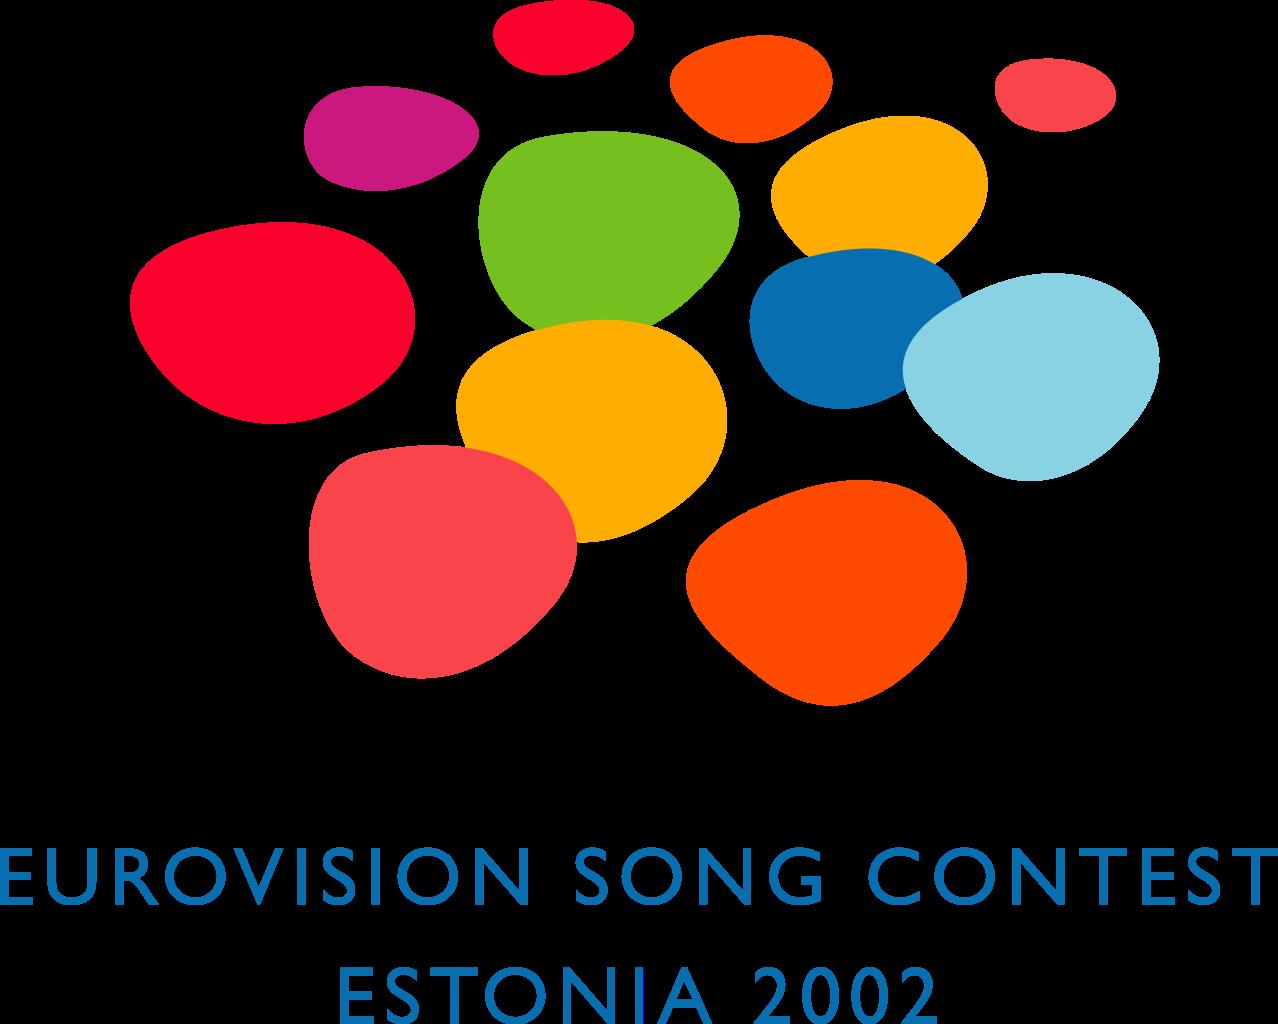 eurovision 2002 logo